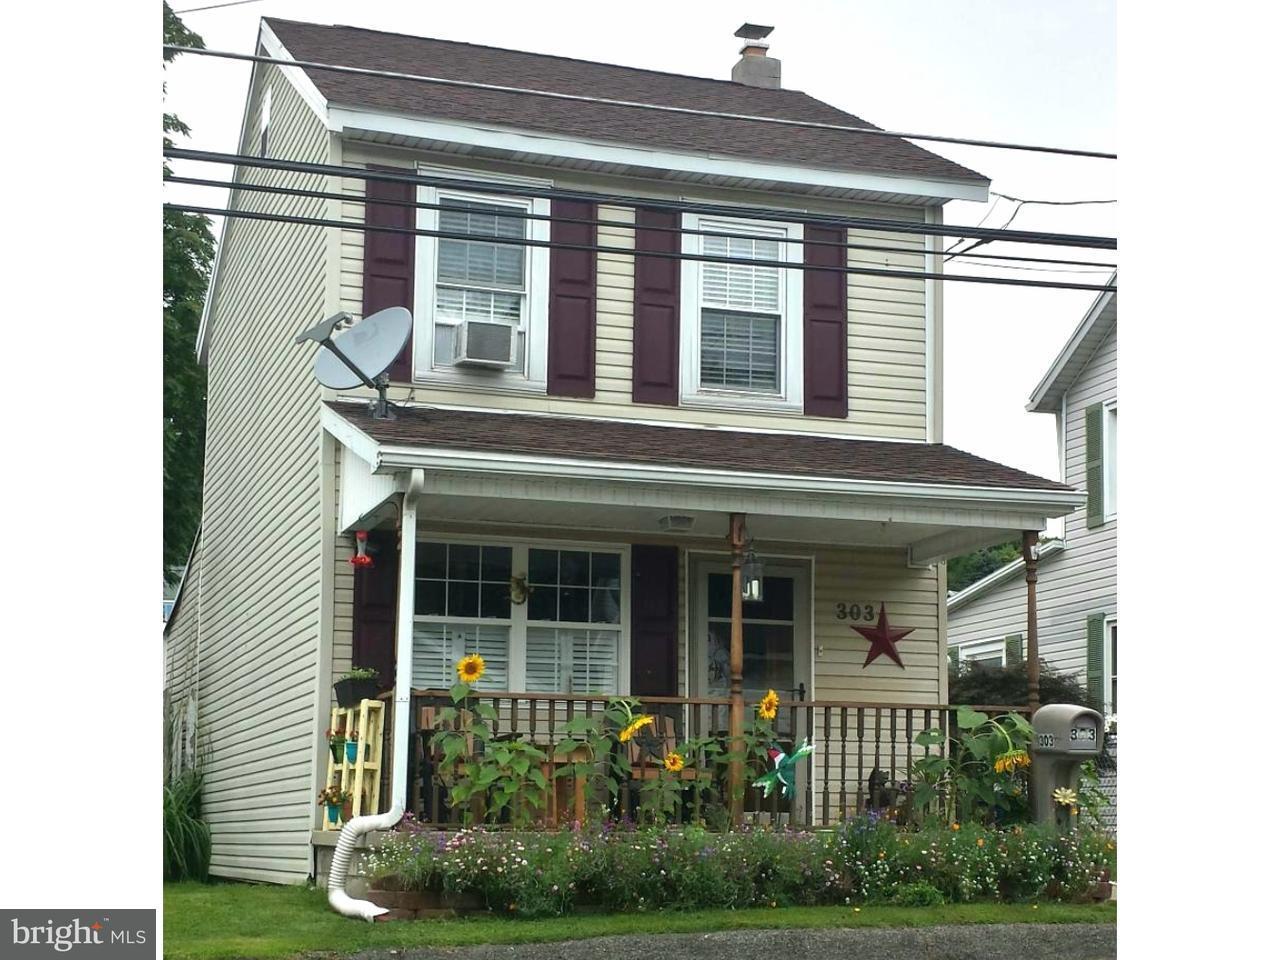 Частный односемейный дом для того Продажа на 303 ROOSEVELT Drive Mahanoy City, Пенсильвания 17948 Соединенные Штаты